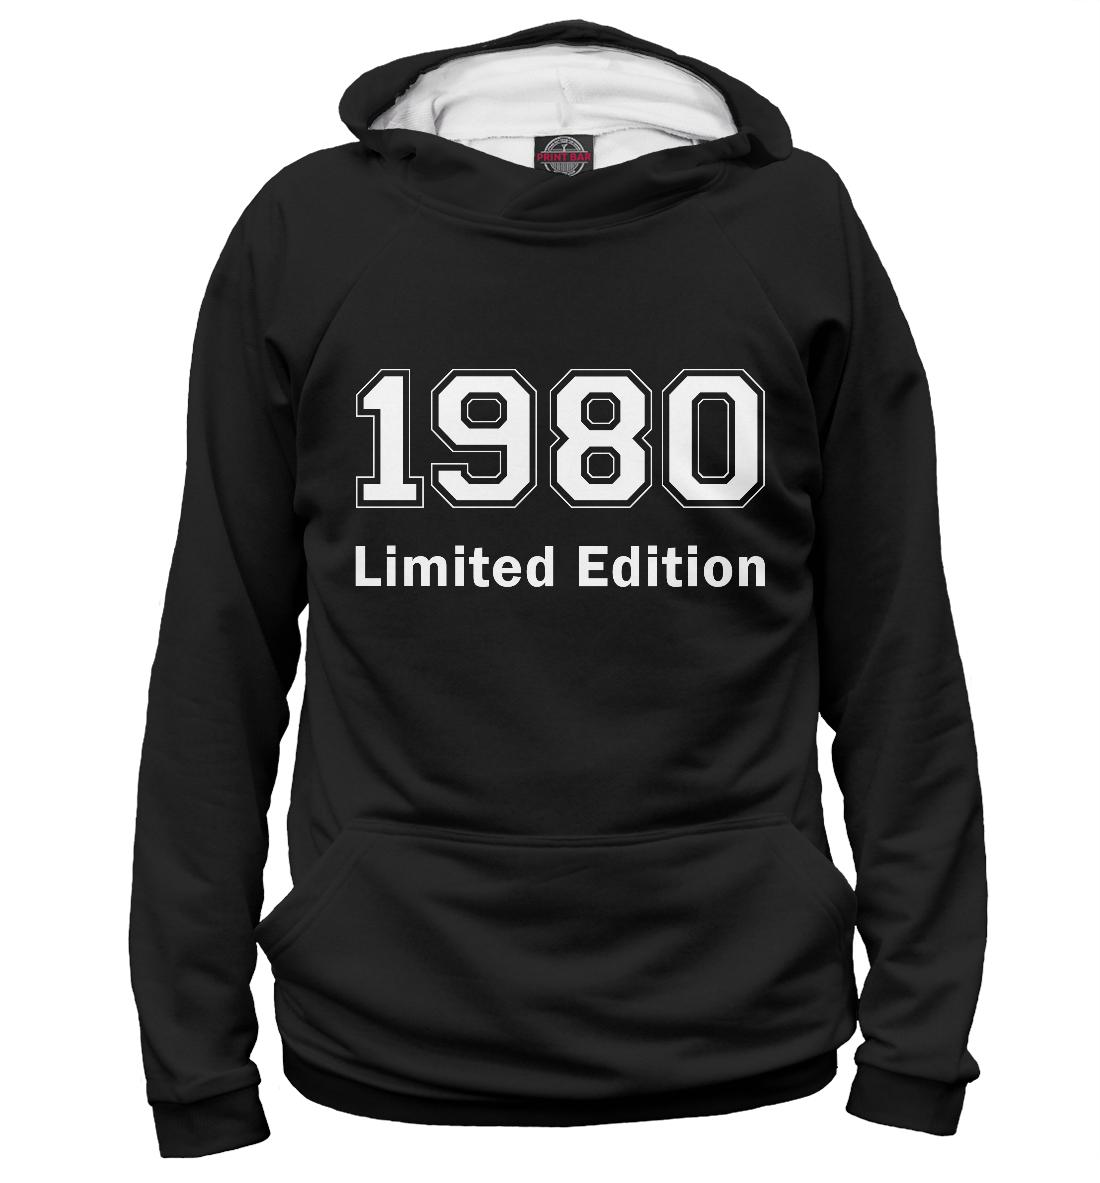 Купить 1980 Limited Edition, Printbar, Худи, DVH-768947-hud-2